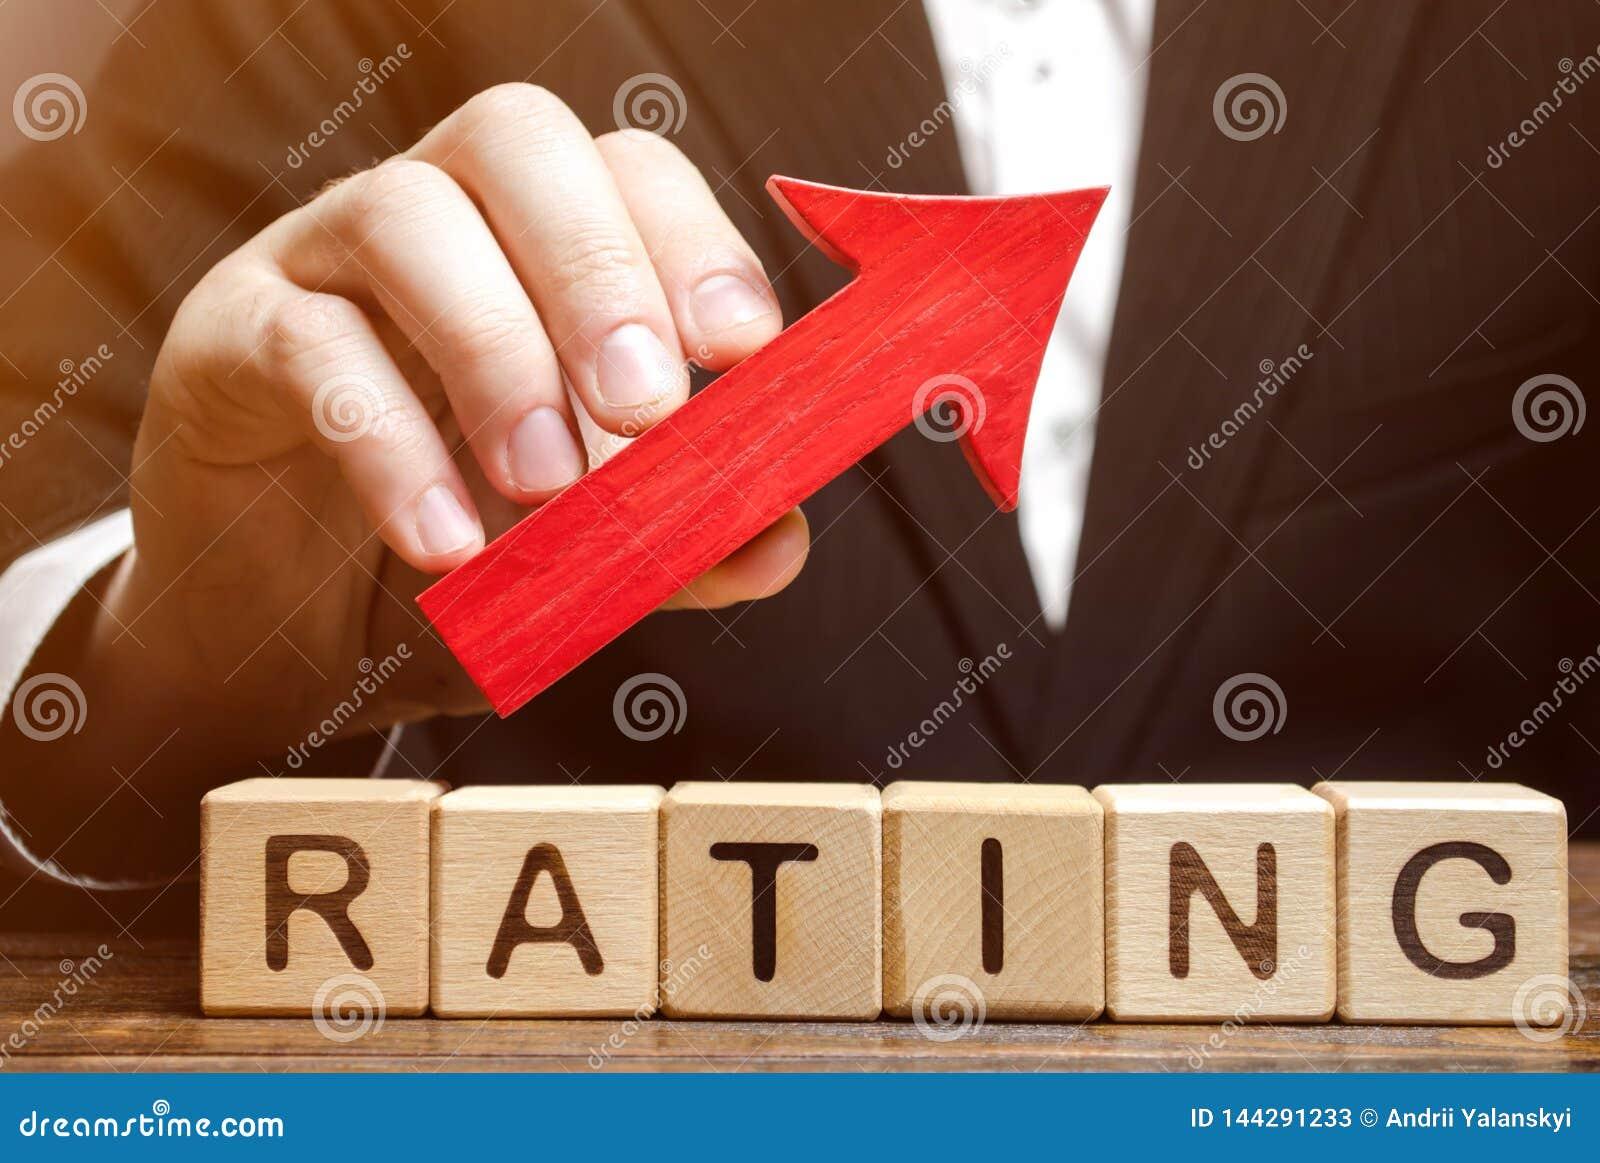 Houten blokken met de woordclassificatie en de omhooggaande pijl in de handen van de criticus Het verbeteren van de kwaliteit van